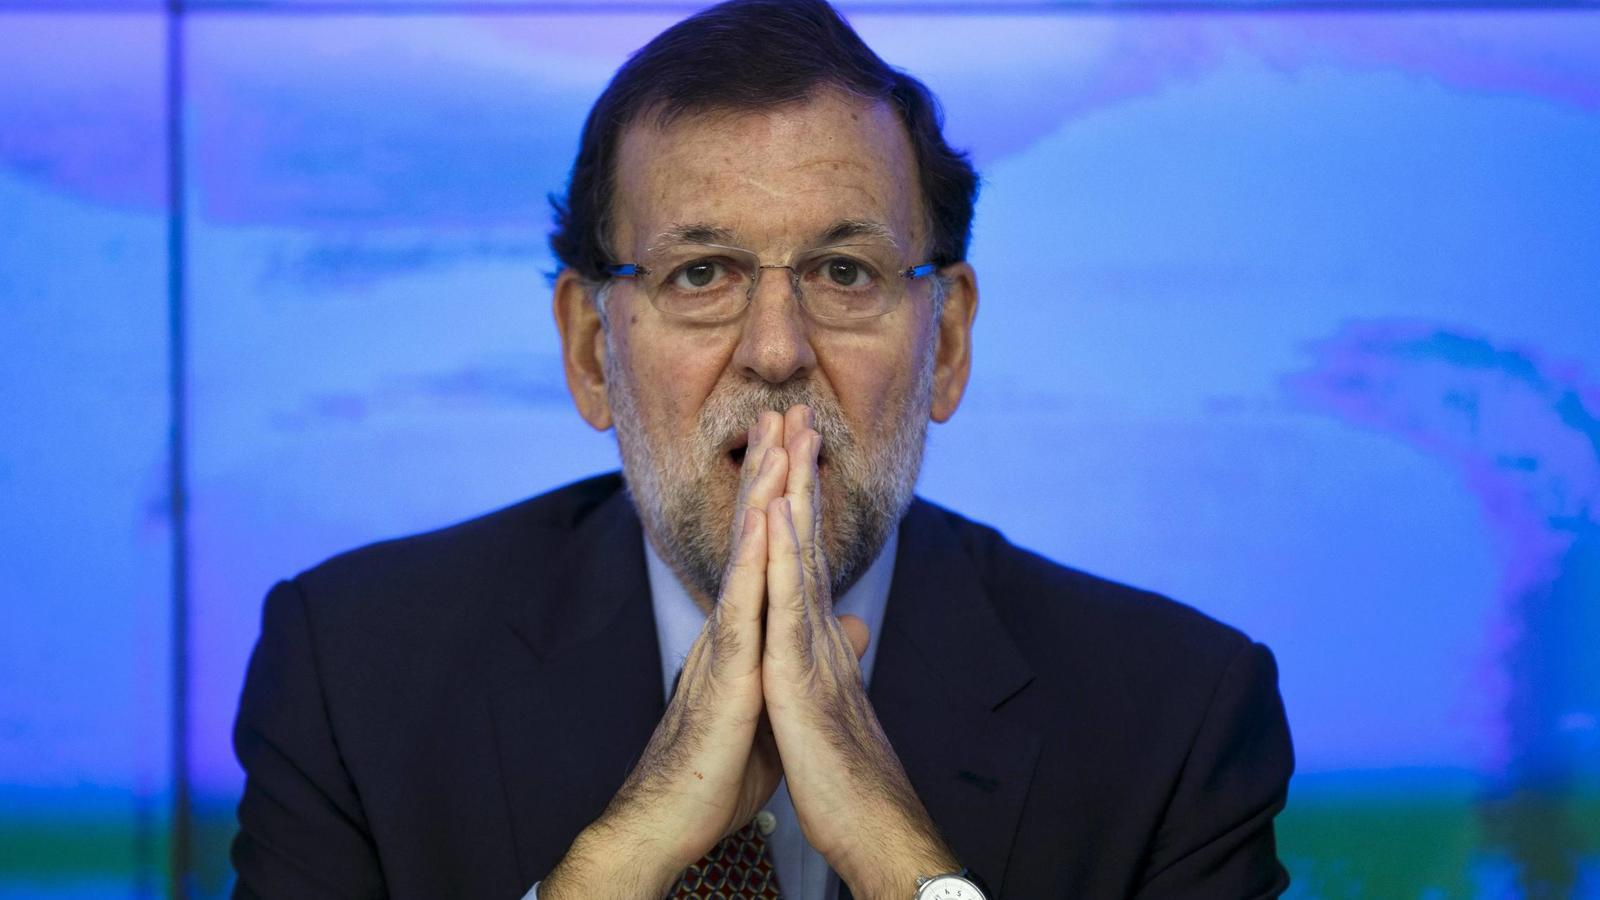 Información clasificada: Gobierno de Rajoy gastó 500.000 euros de fondos públicos para tapar corrupción del PP